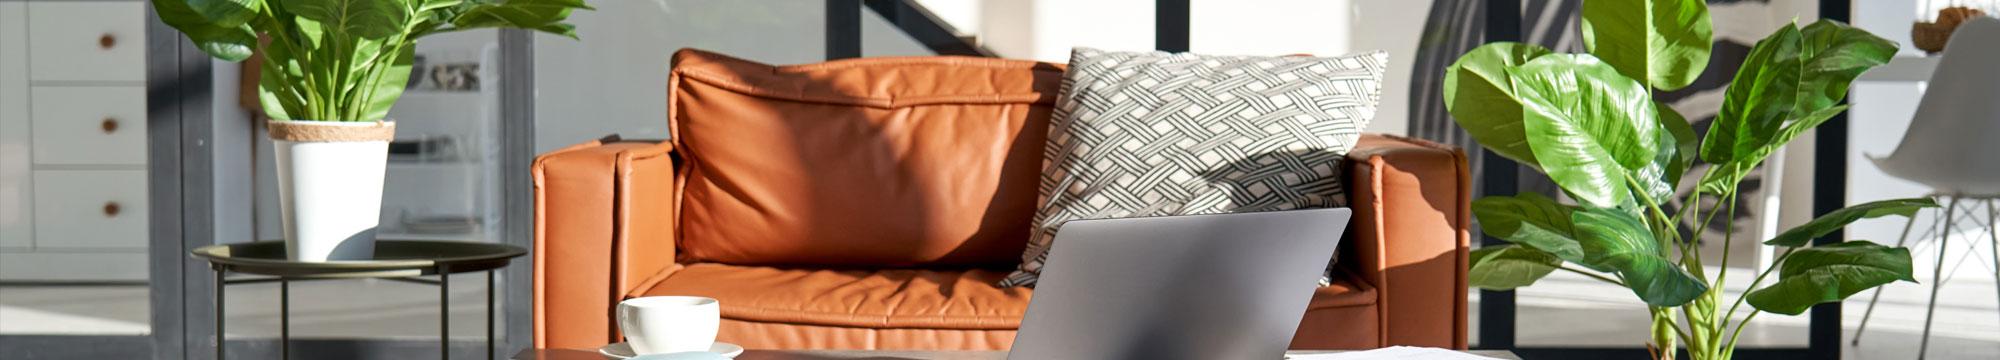 Cobertures que cobreix la meva assegurança de llar fora de casa - Medicorasse